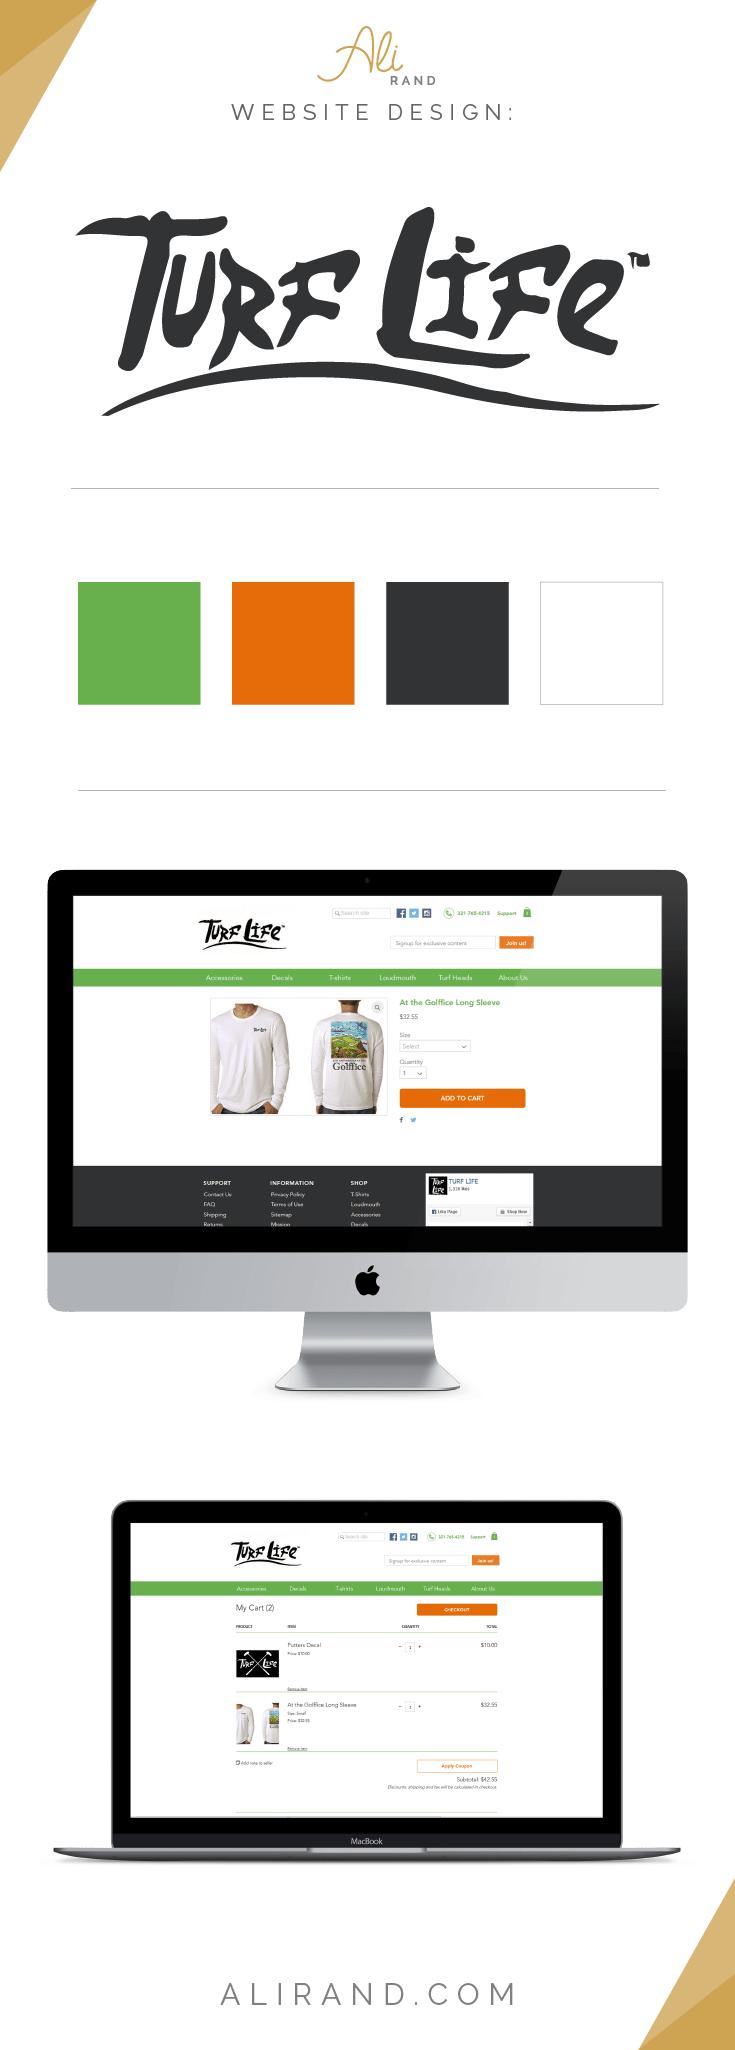 Ali Rand Website Design for Turf Life